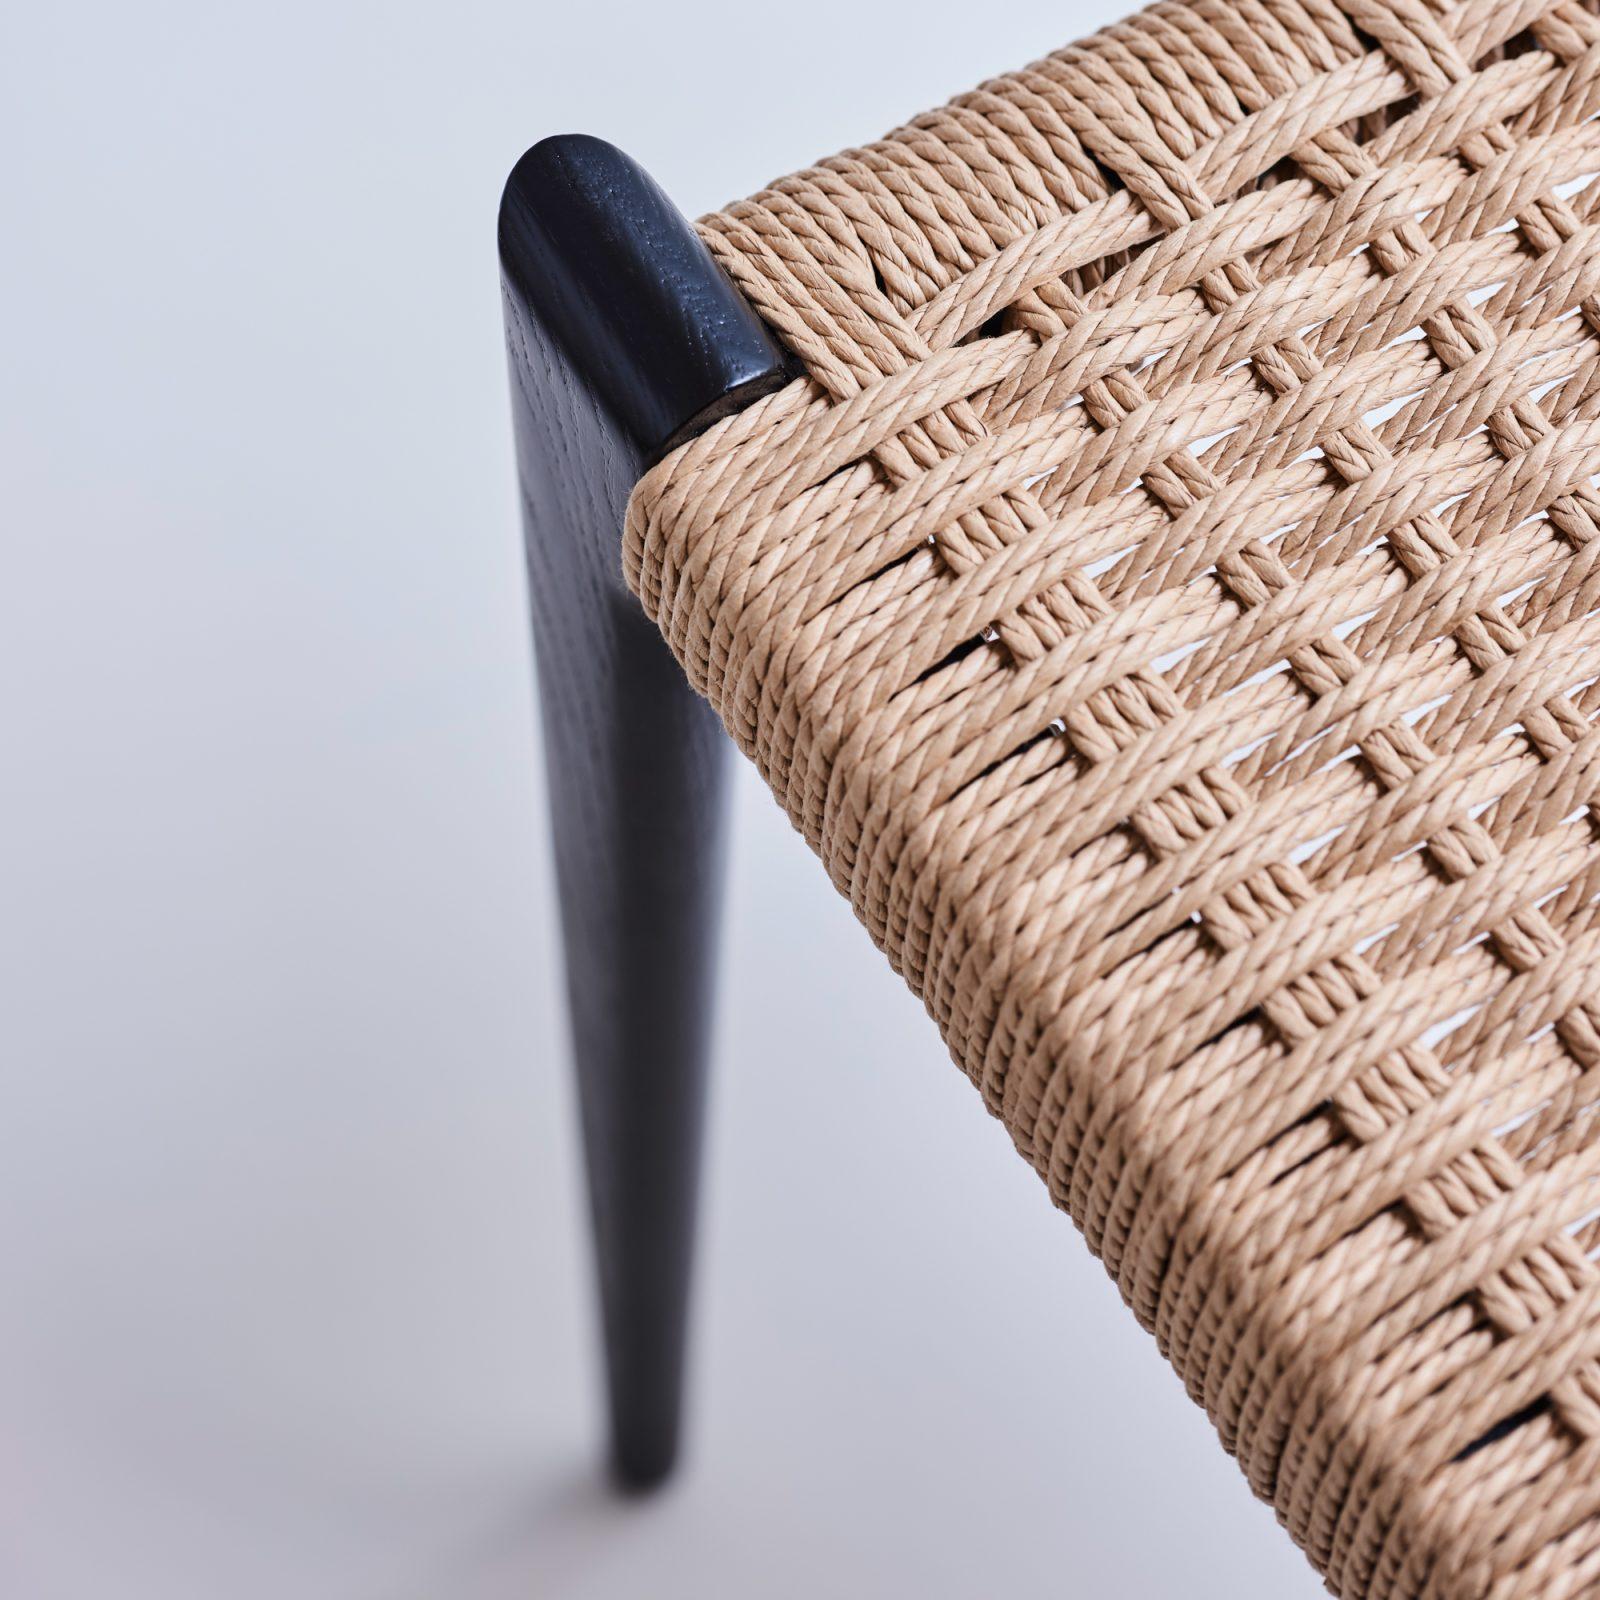 dk3-pia-chair-3